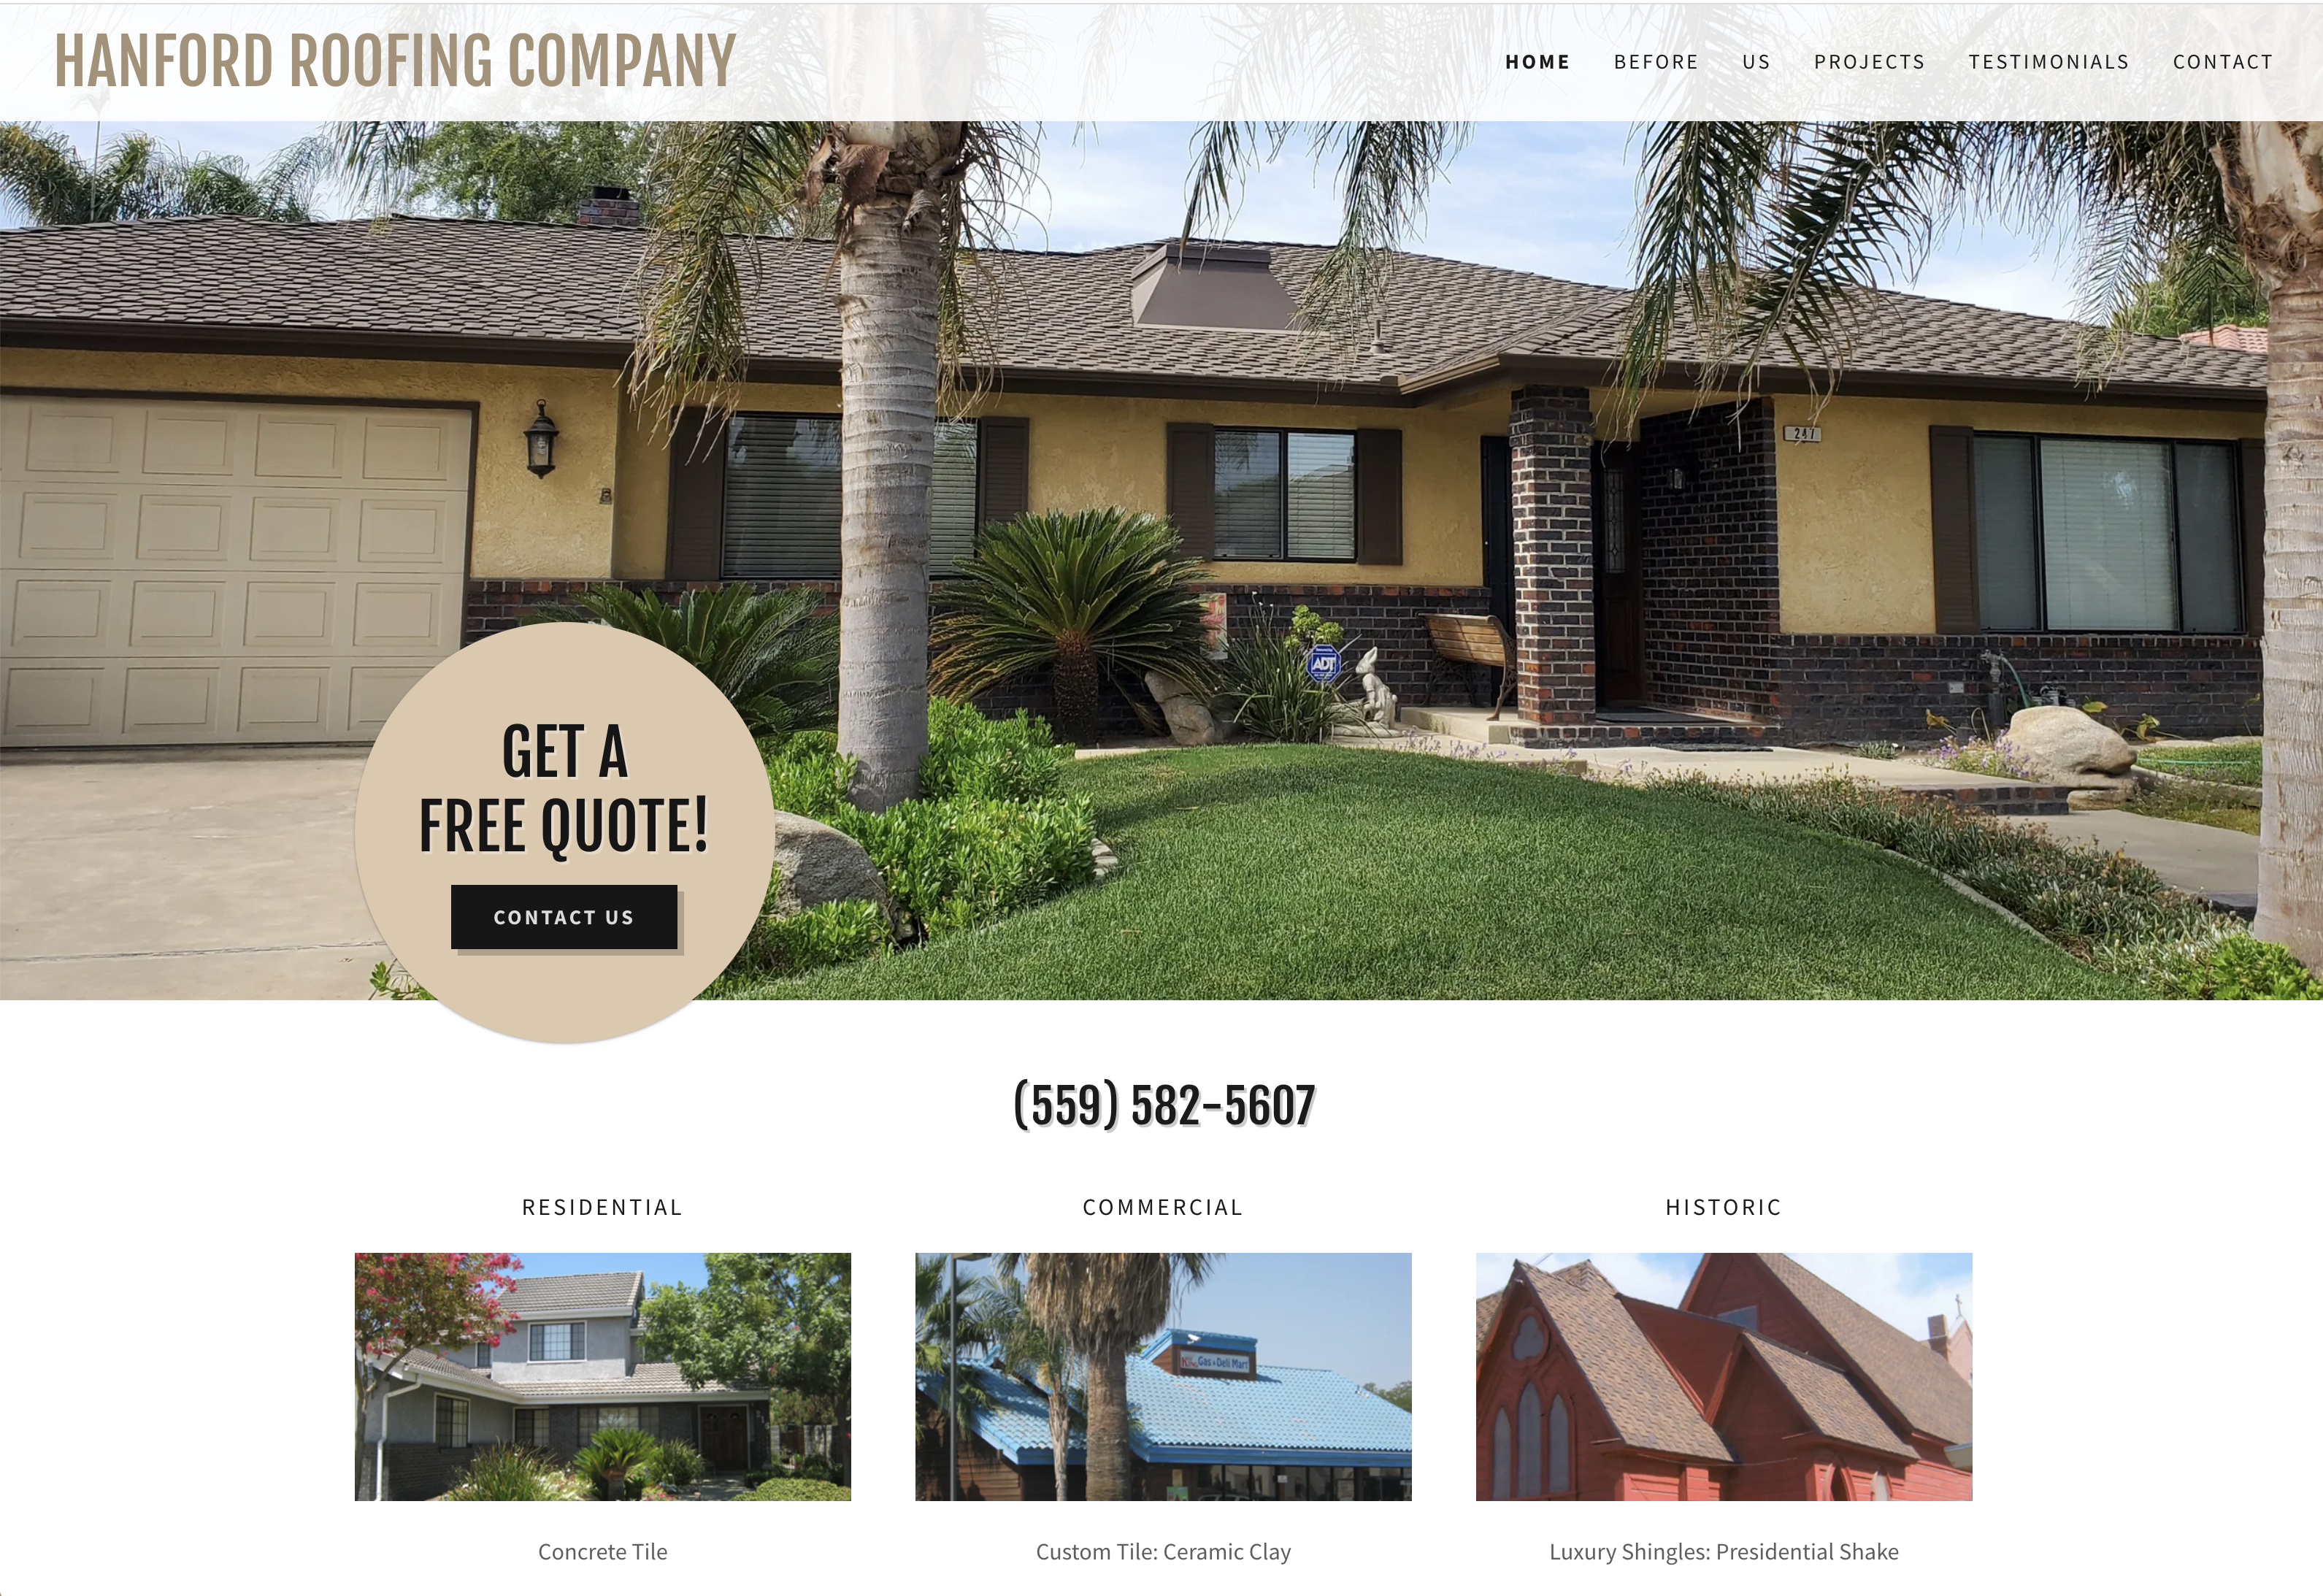 Hanford Roofing Web Design